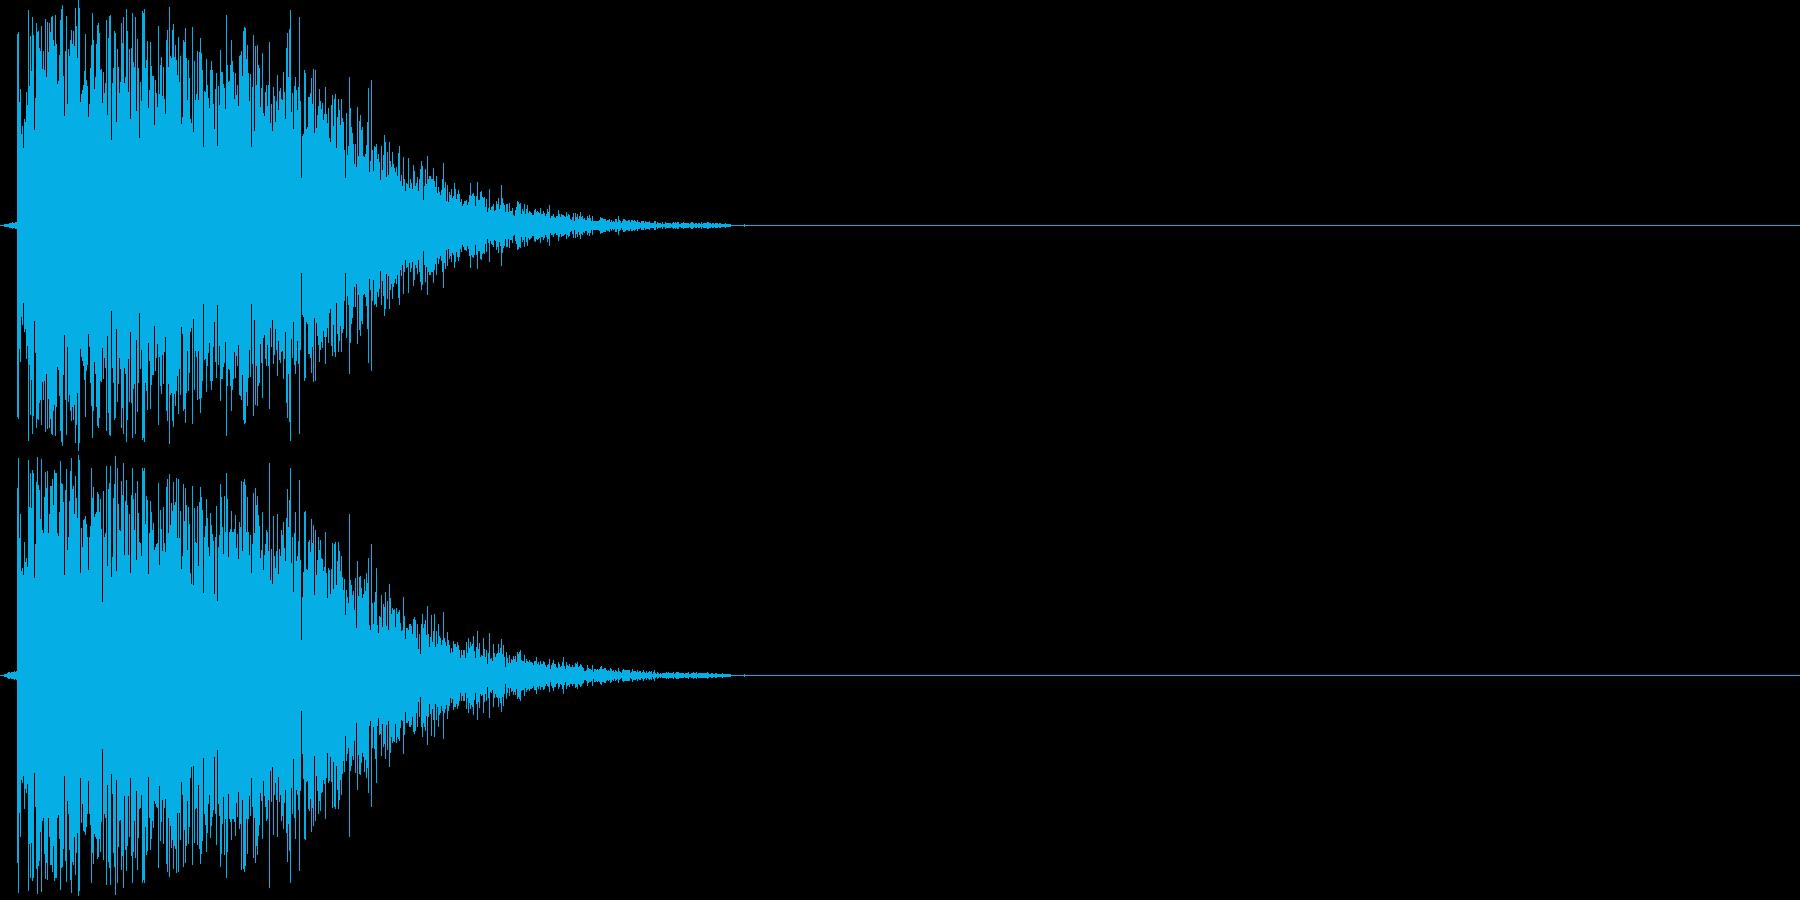 バーン(銃声音)の再生済みの波形